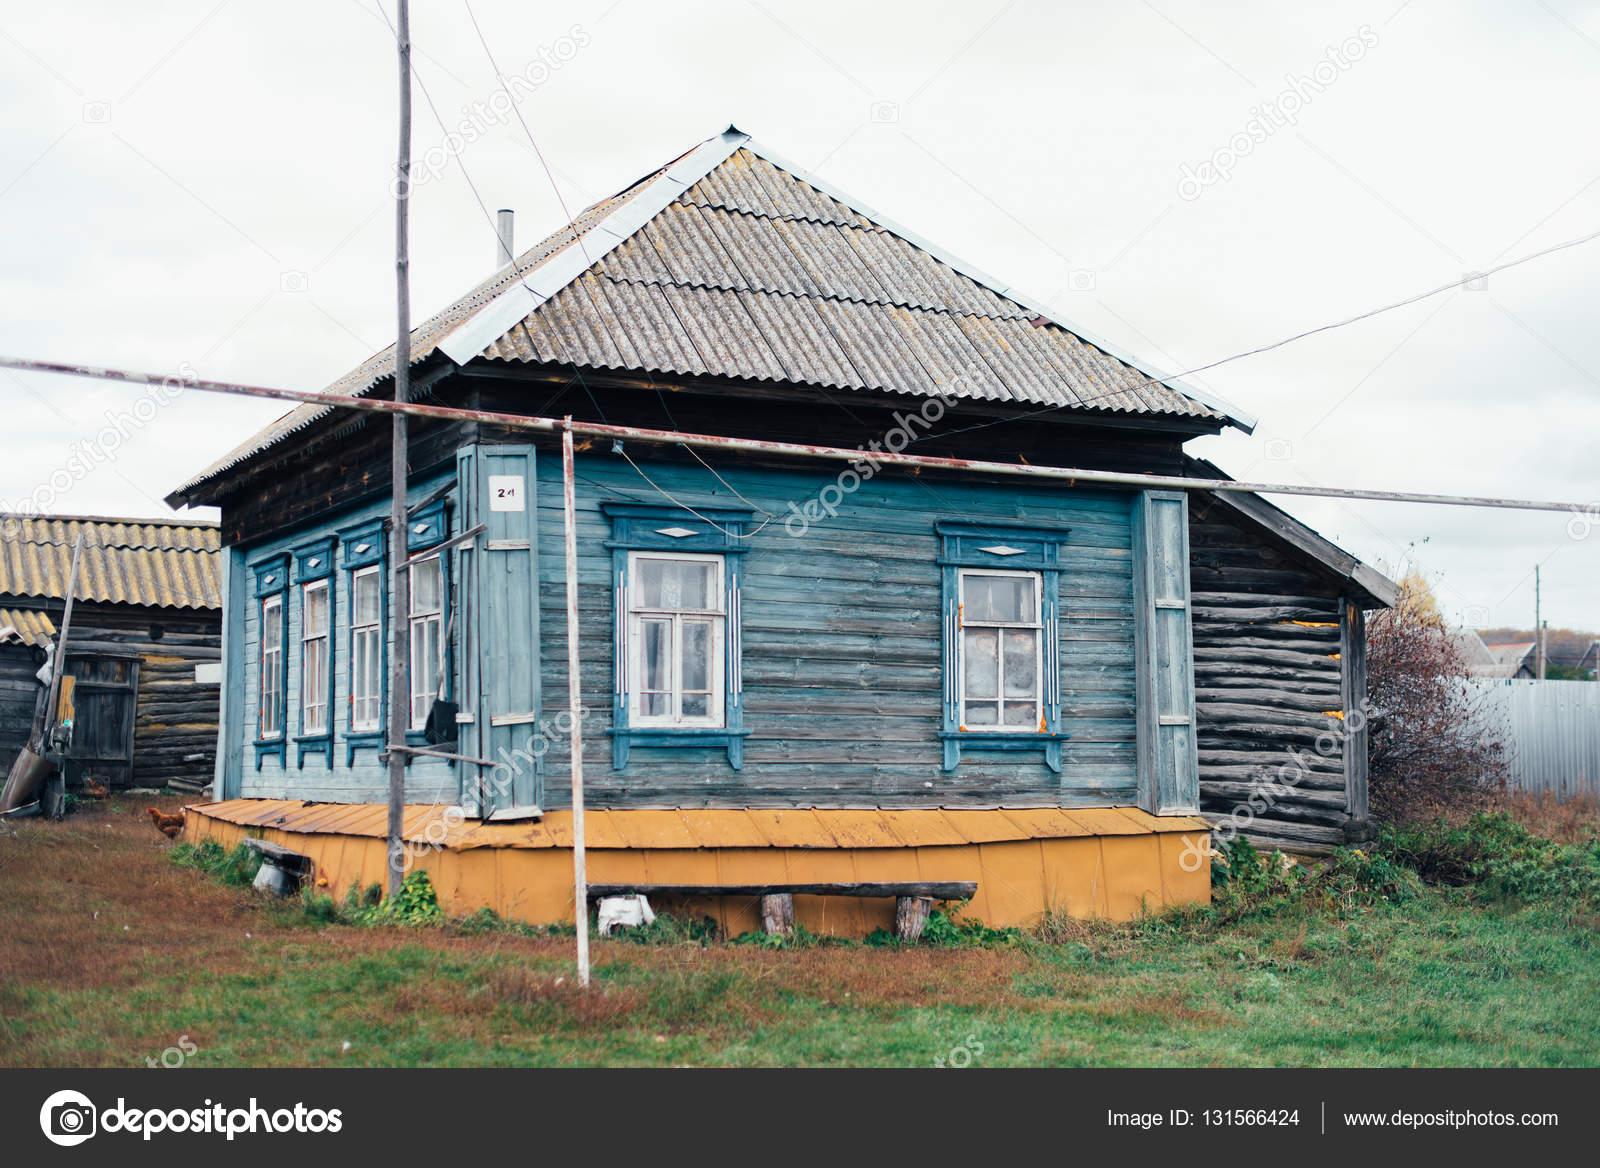 Beeindruckend Russisches Holzhaus Dekoration Von Im Russischen Dorf — Stockfoto